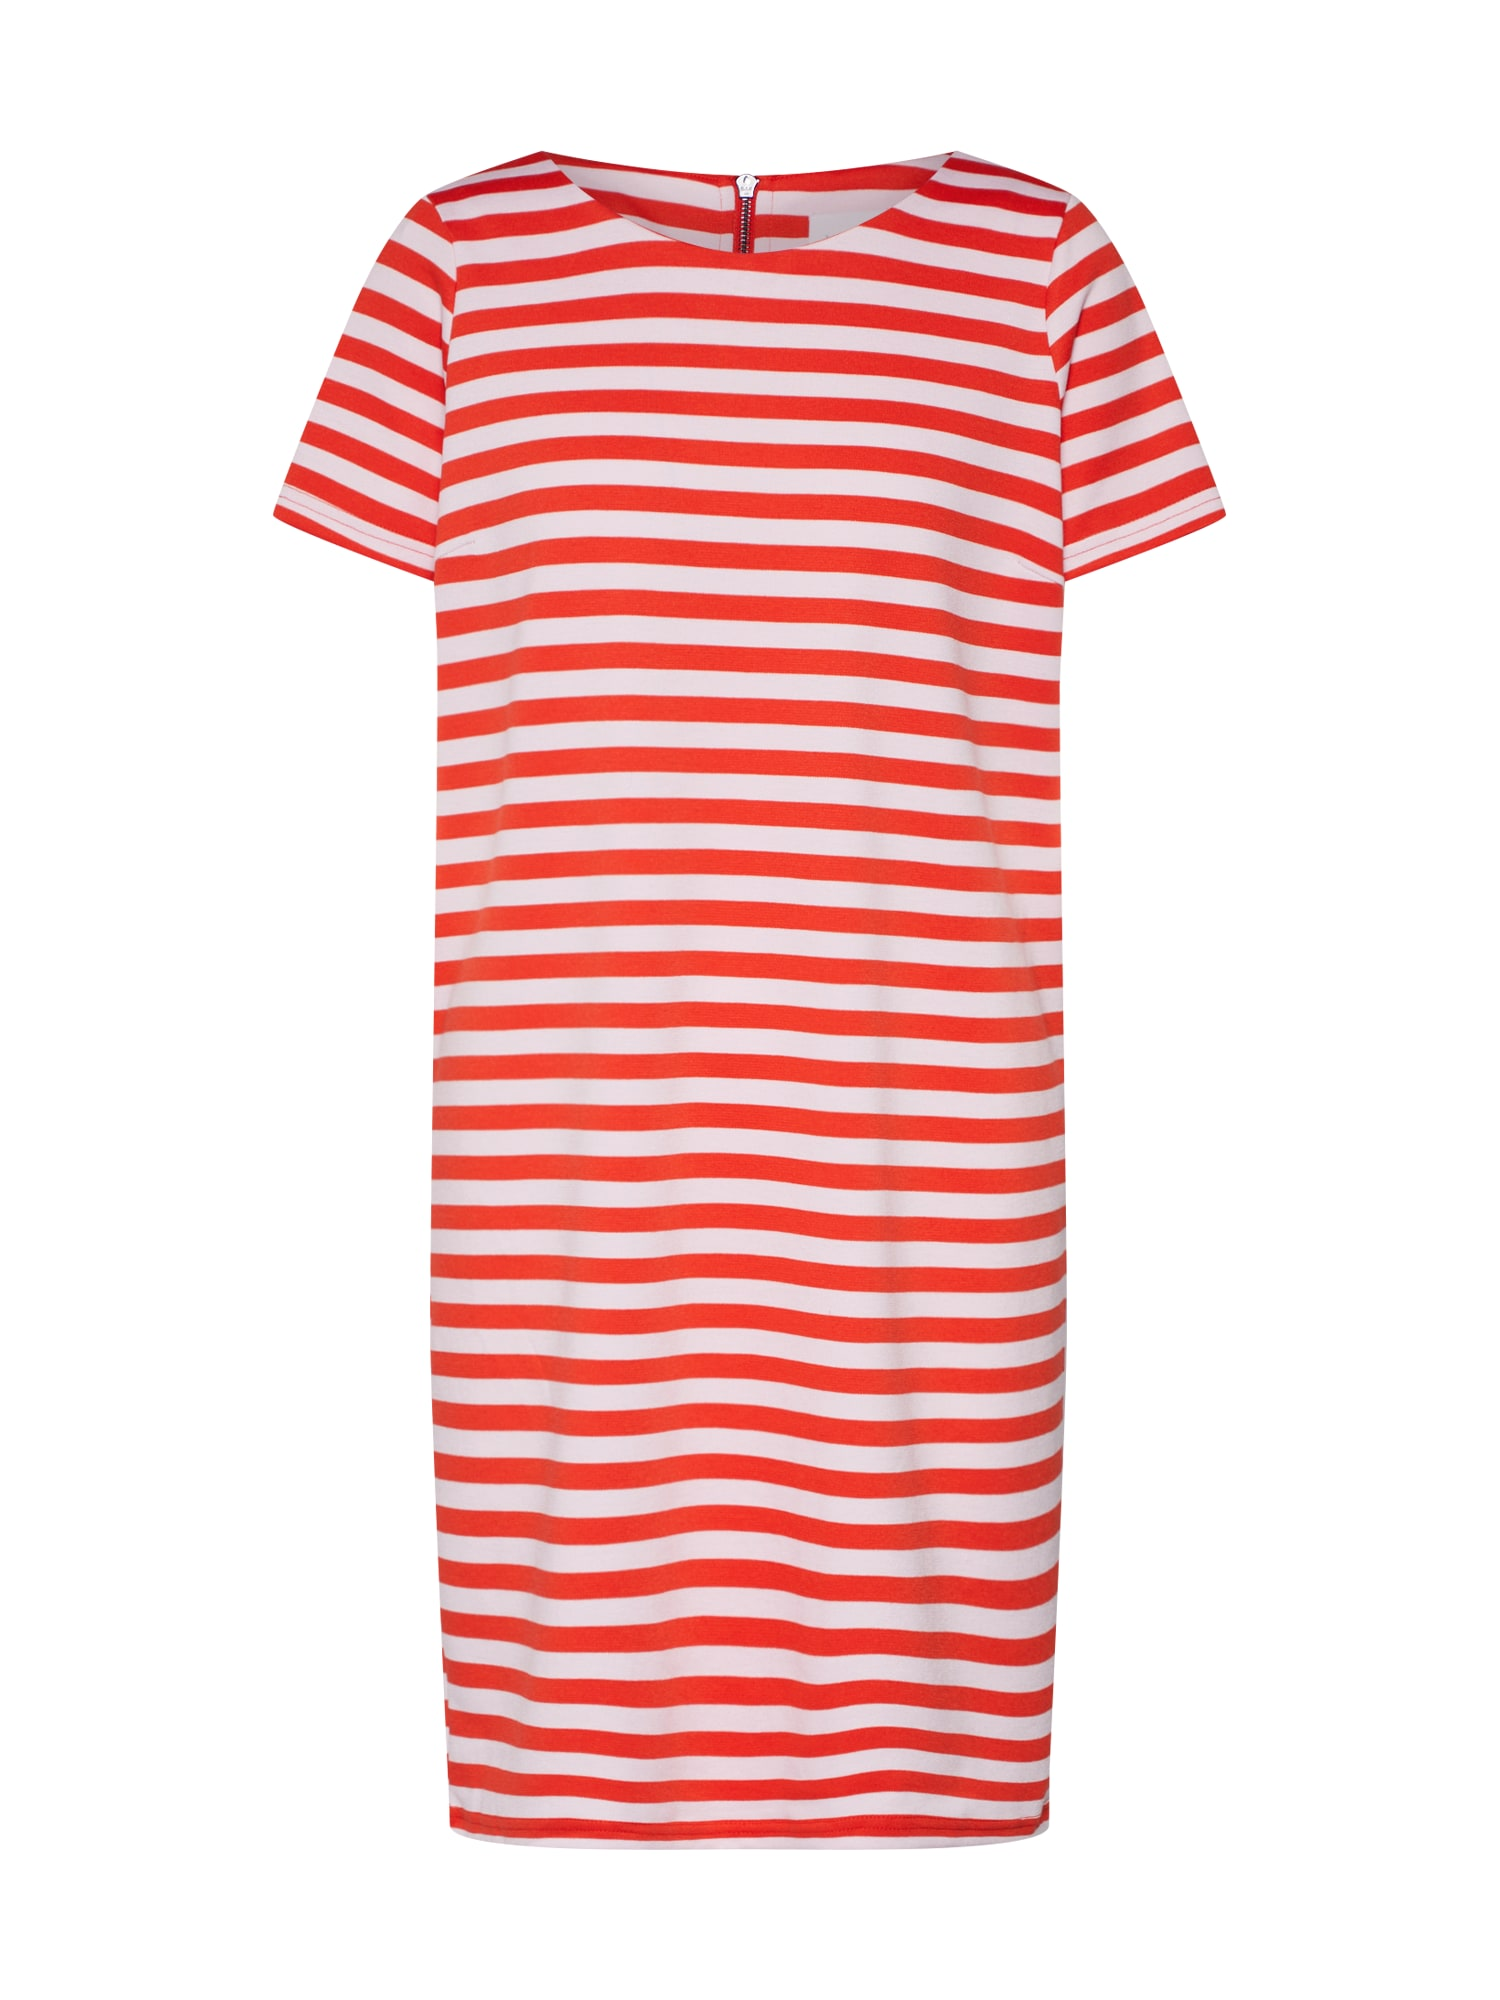 Šaty VITinny New červená bílá VILA